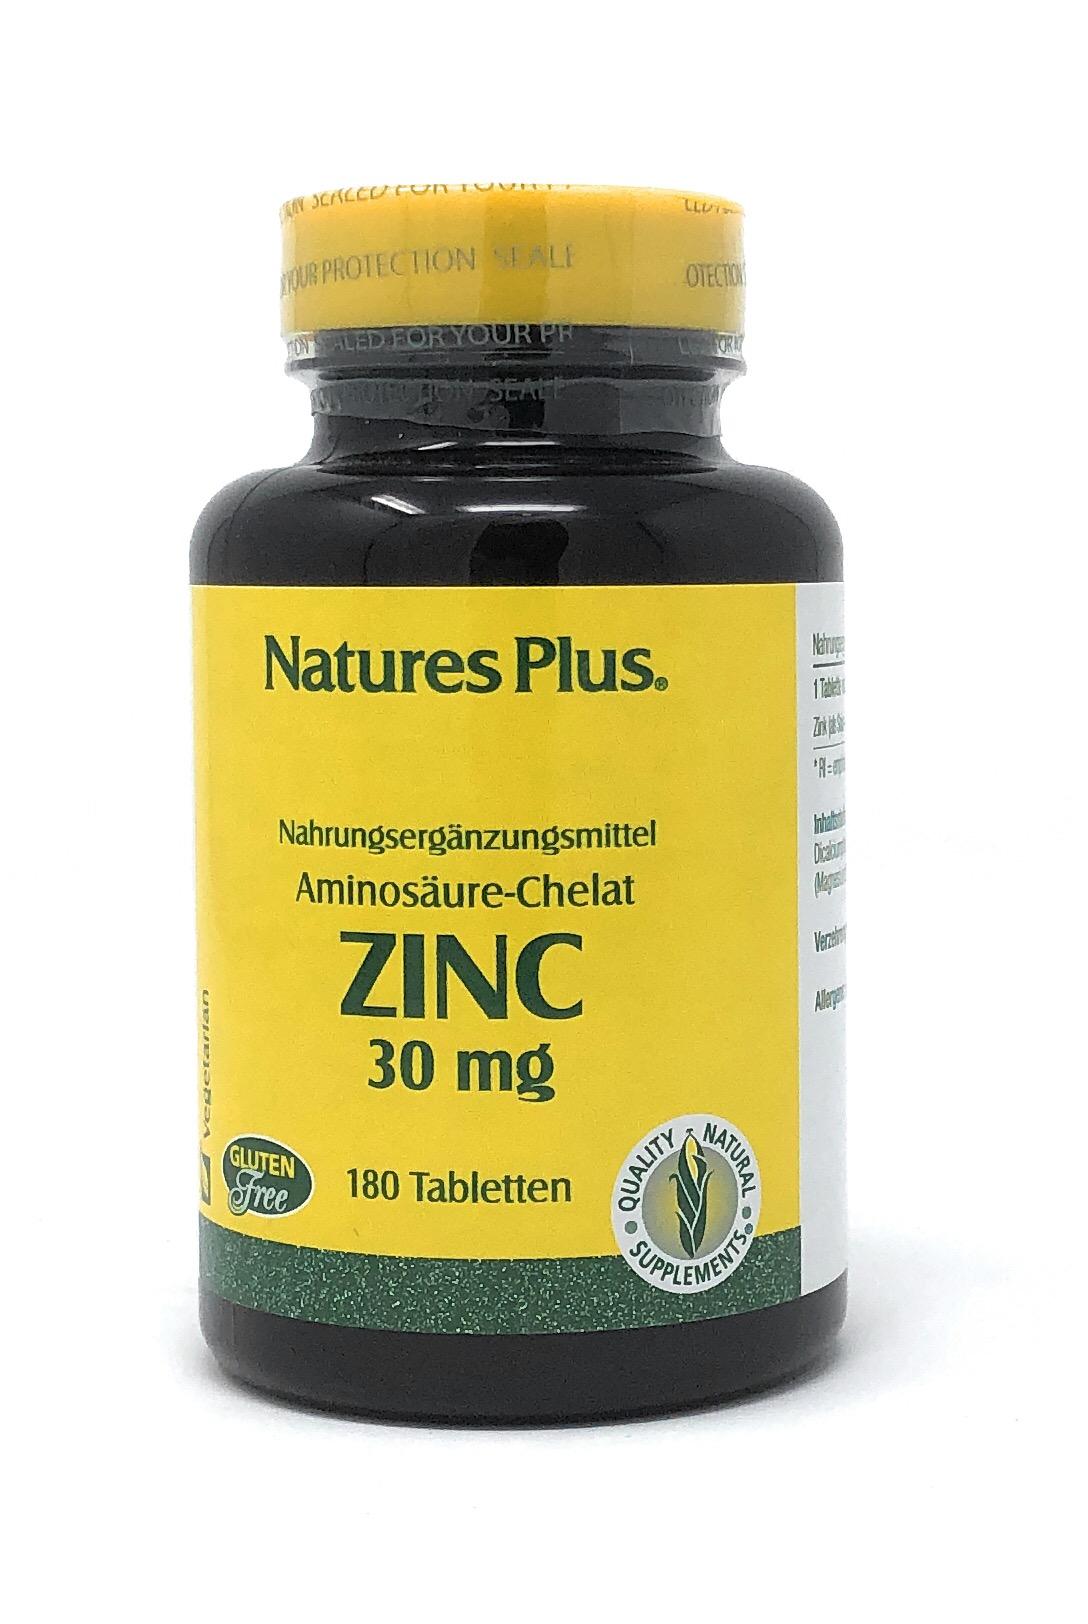 Natures Plus Zinc 30 mg ( Zink-Soja-Aminosäurechelat) 180 Tabletten (117g)